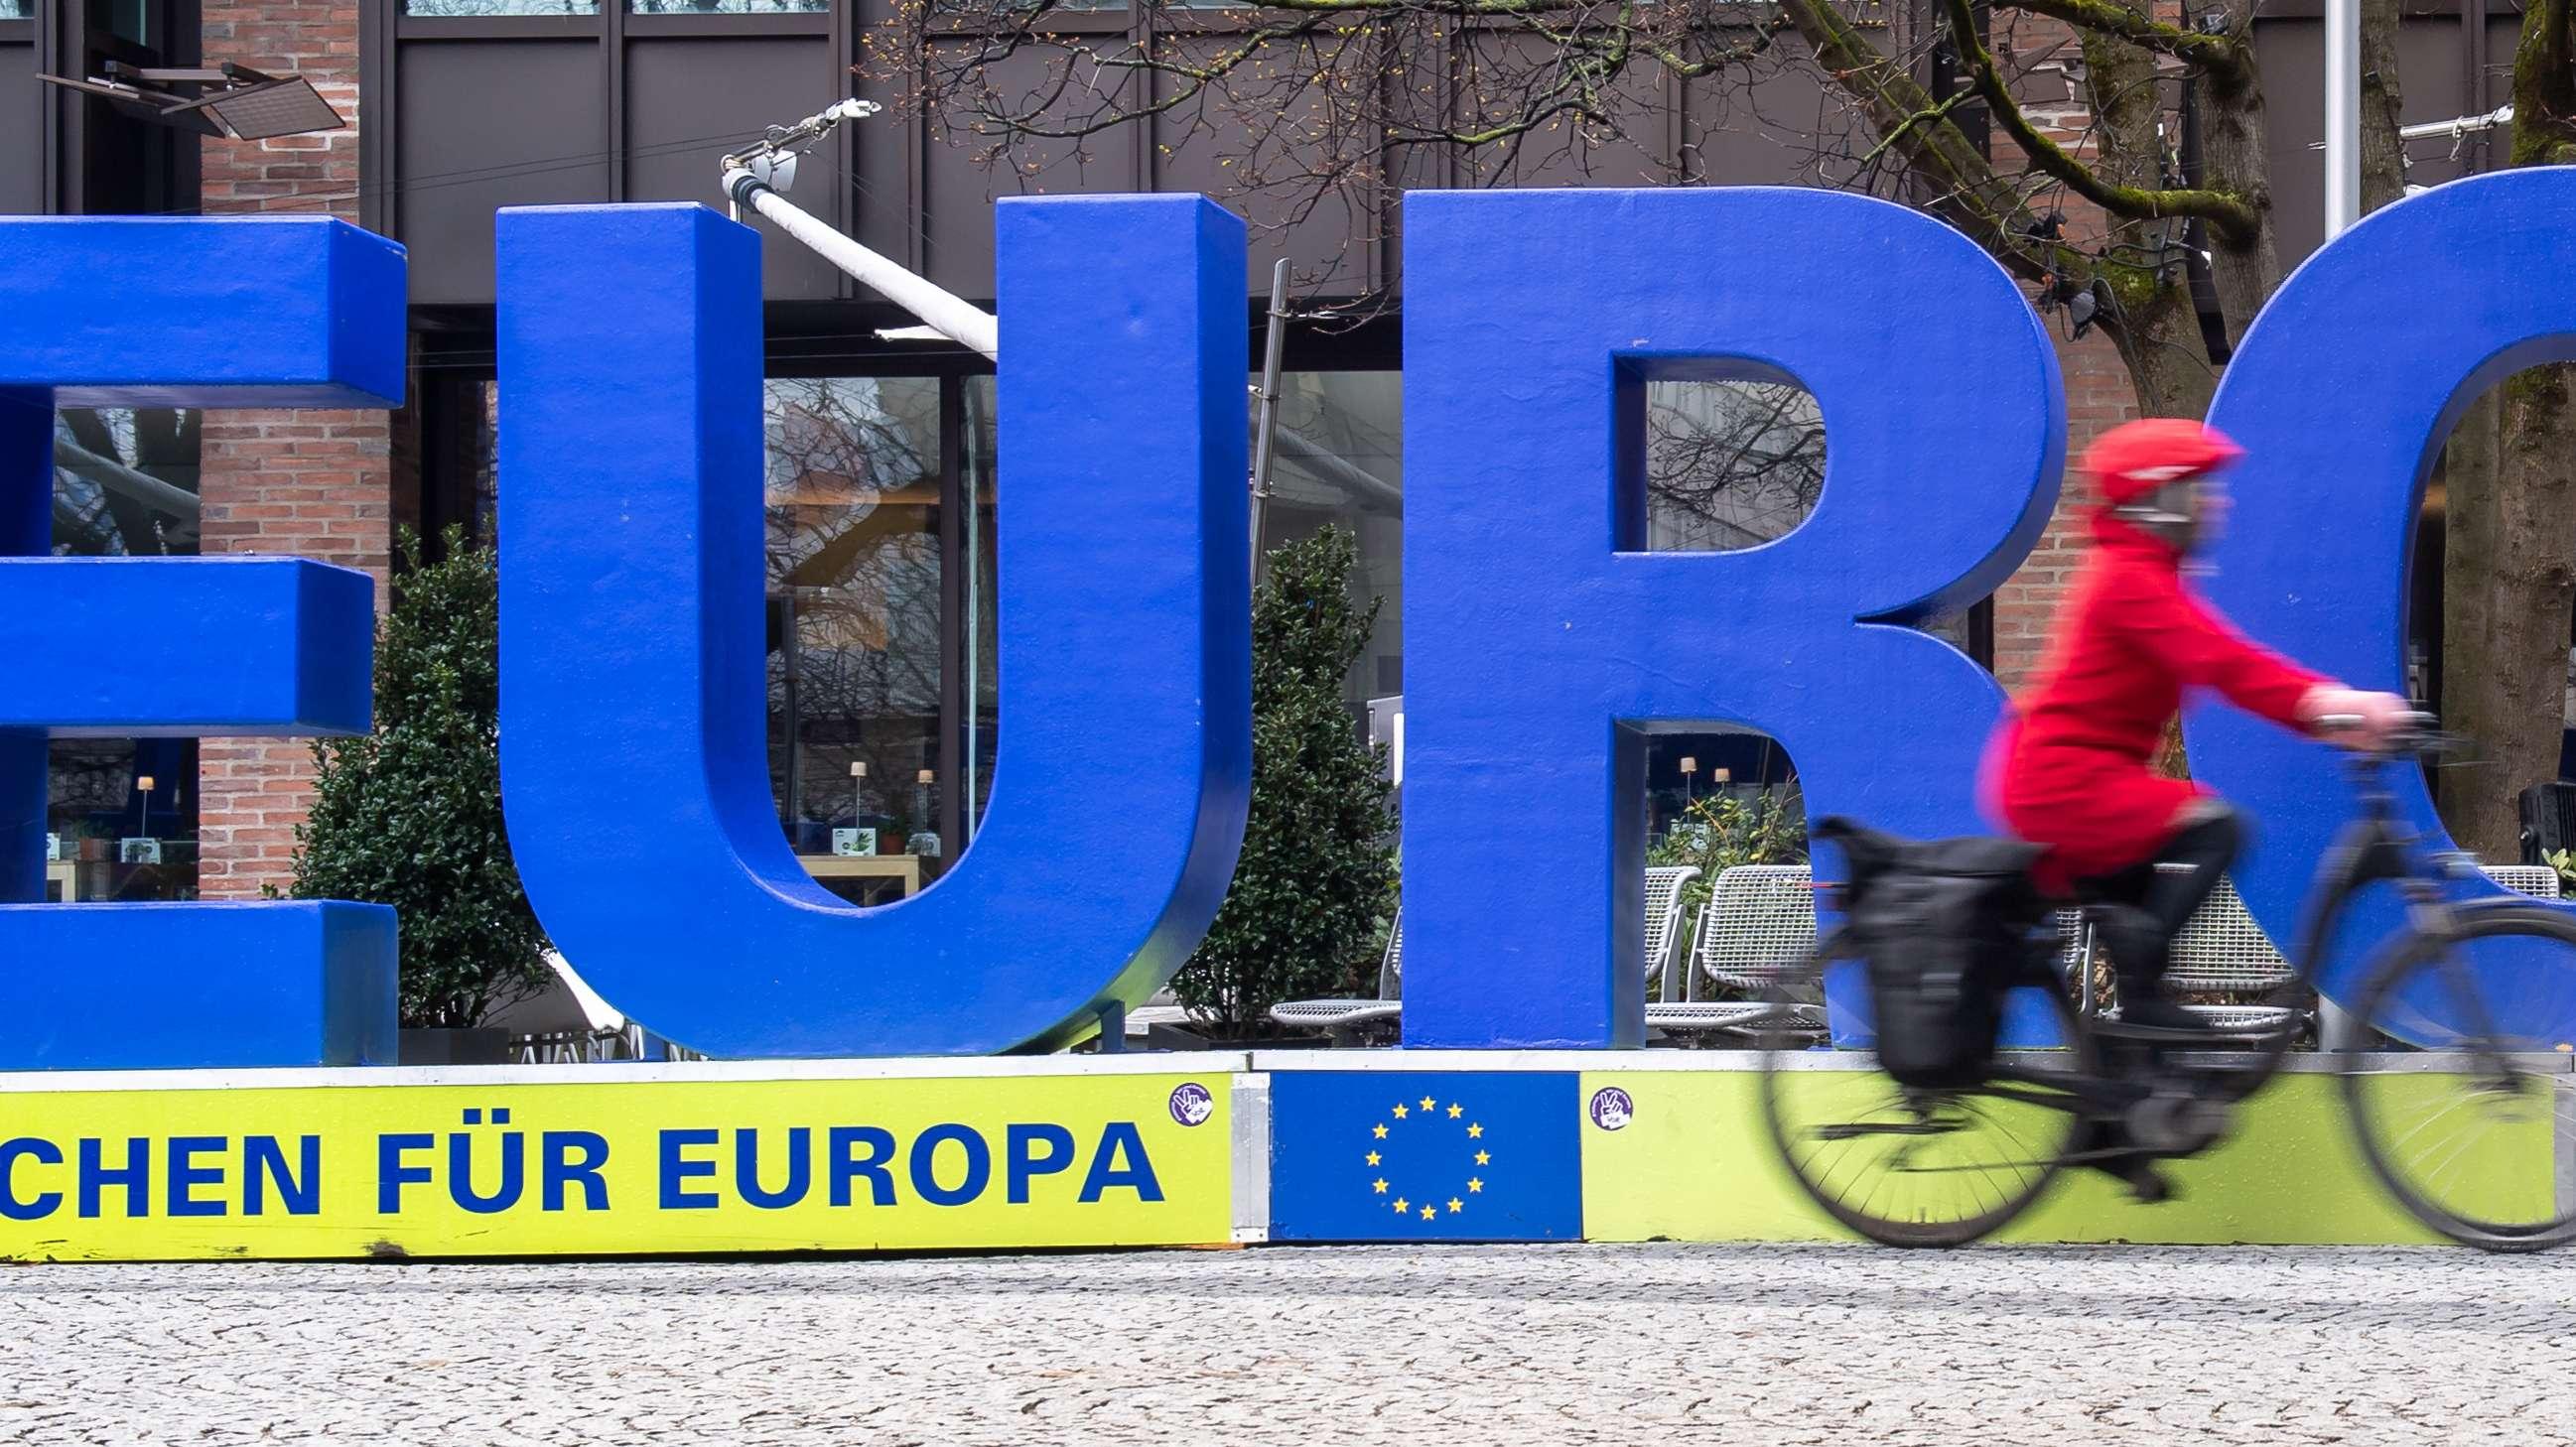 Europa-Letter sollen auf die Wahlen im Mai hinweisen